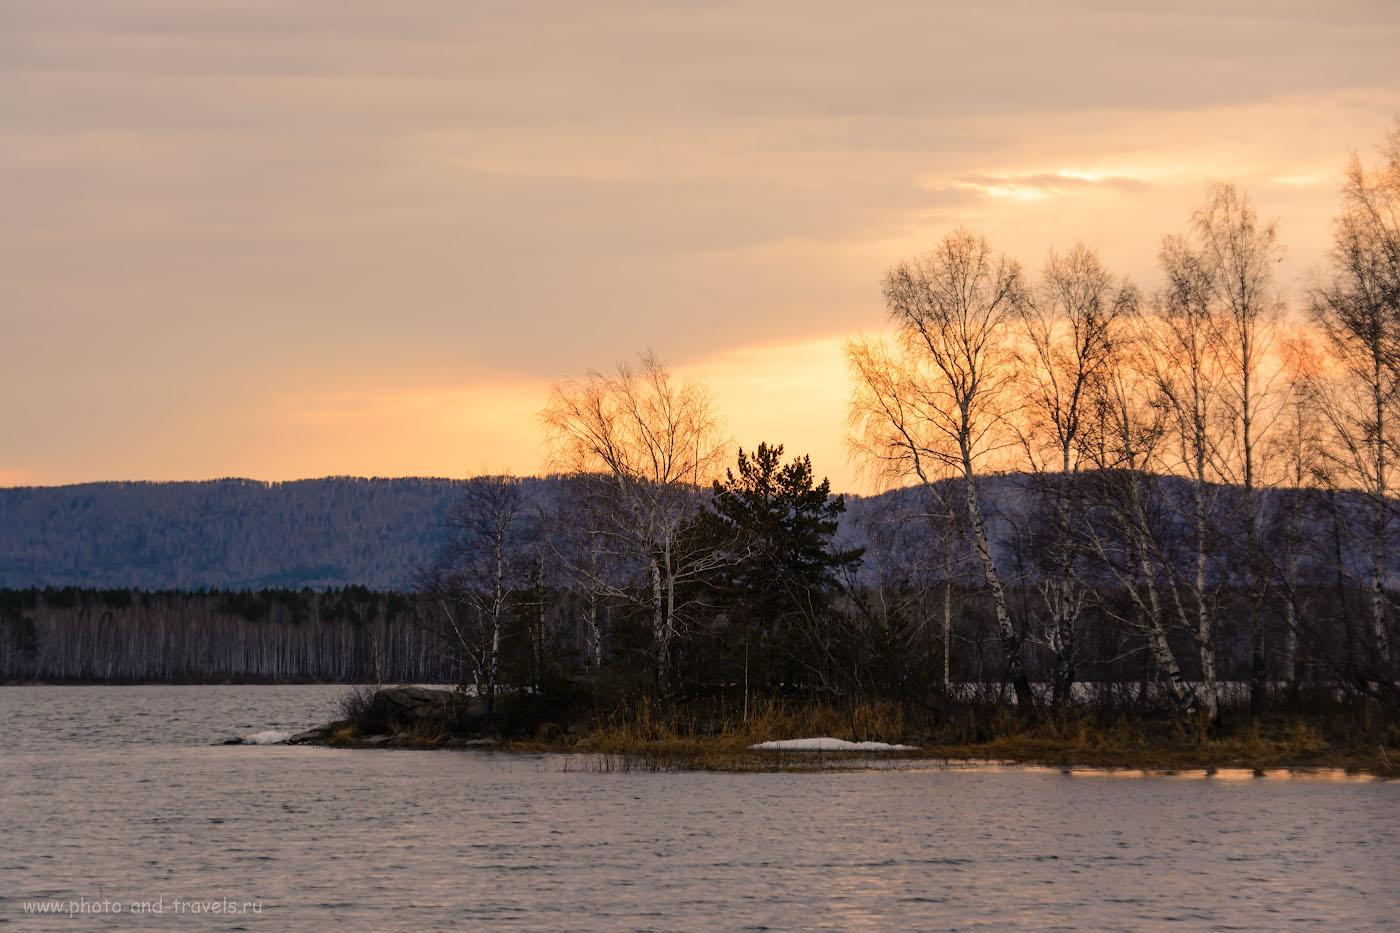 Фотография 21. Вечерний пейзаж, снятый на Nikon D5200 и тревел-зум Sigma 18-200. 1/13, -0.67, 8.0, 100, 98.